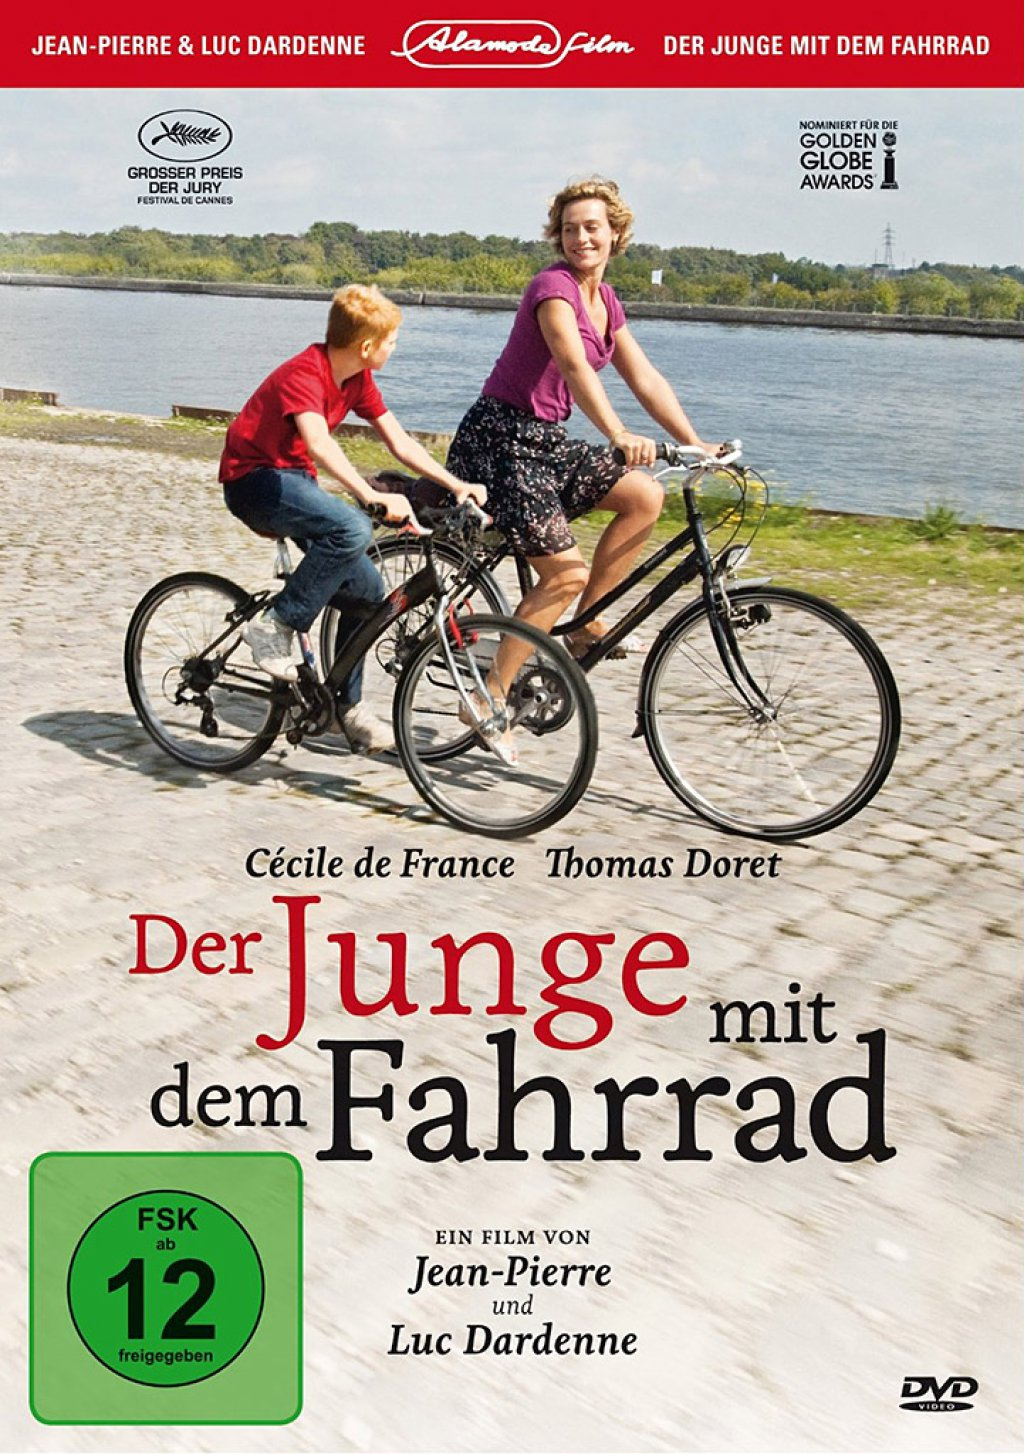 Der Junge mit dem Fahrrad (DVD)